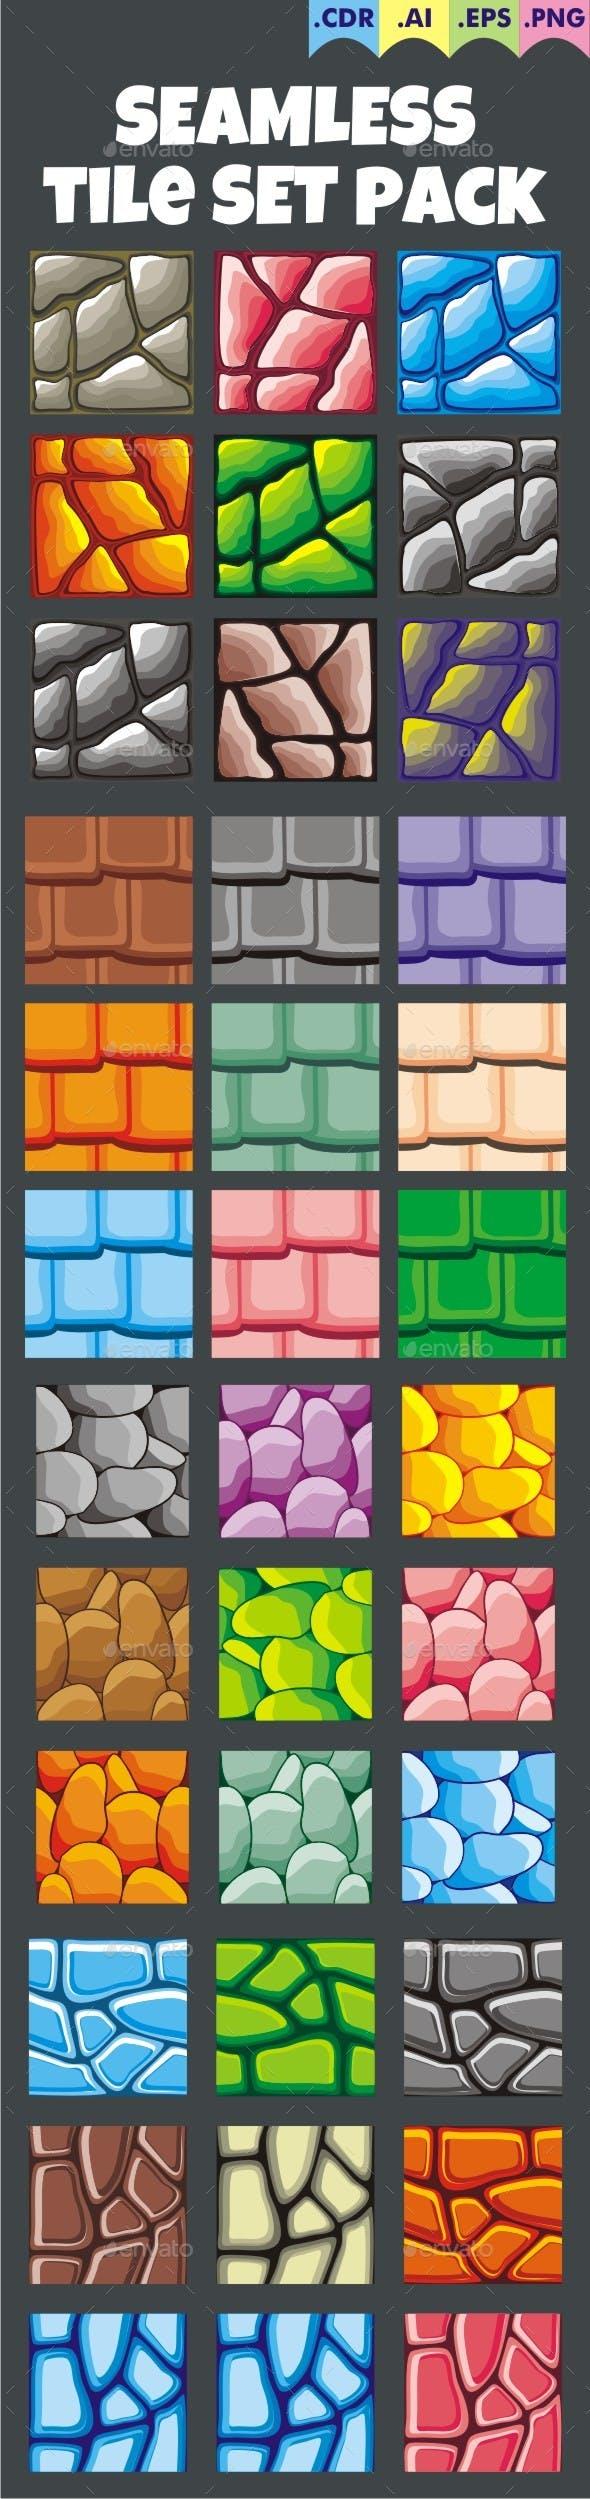 Seamless Tileset Pack